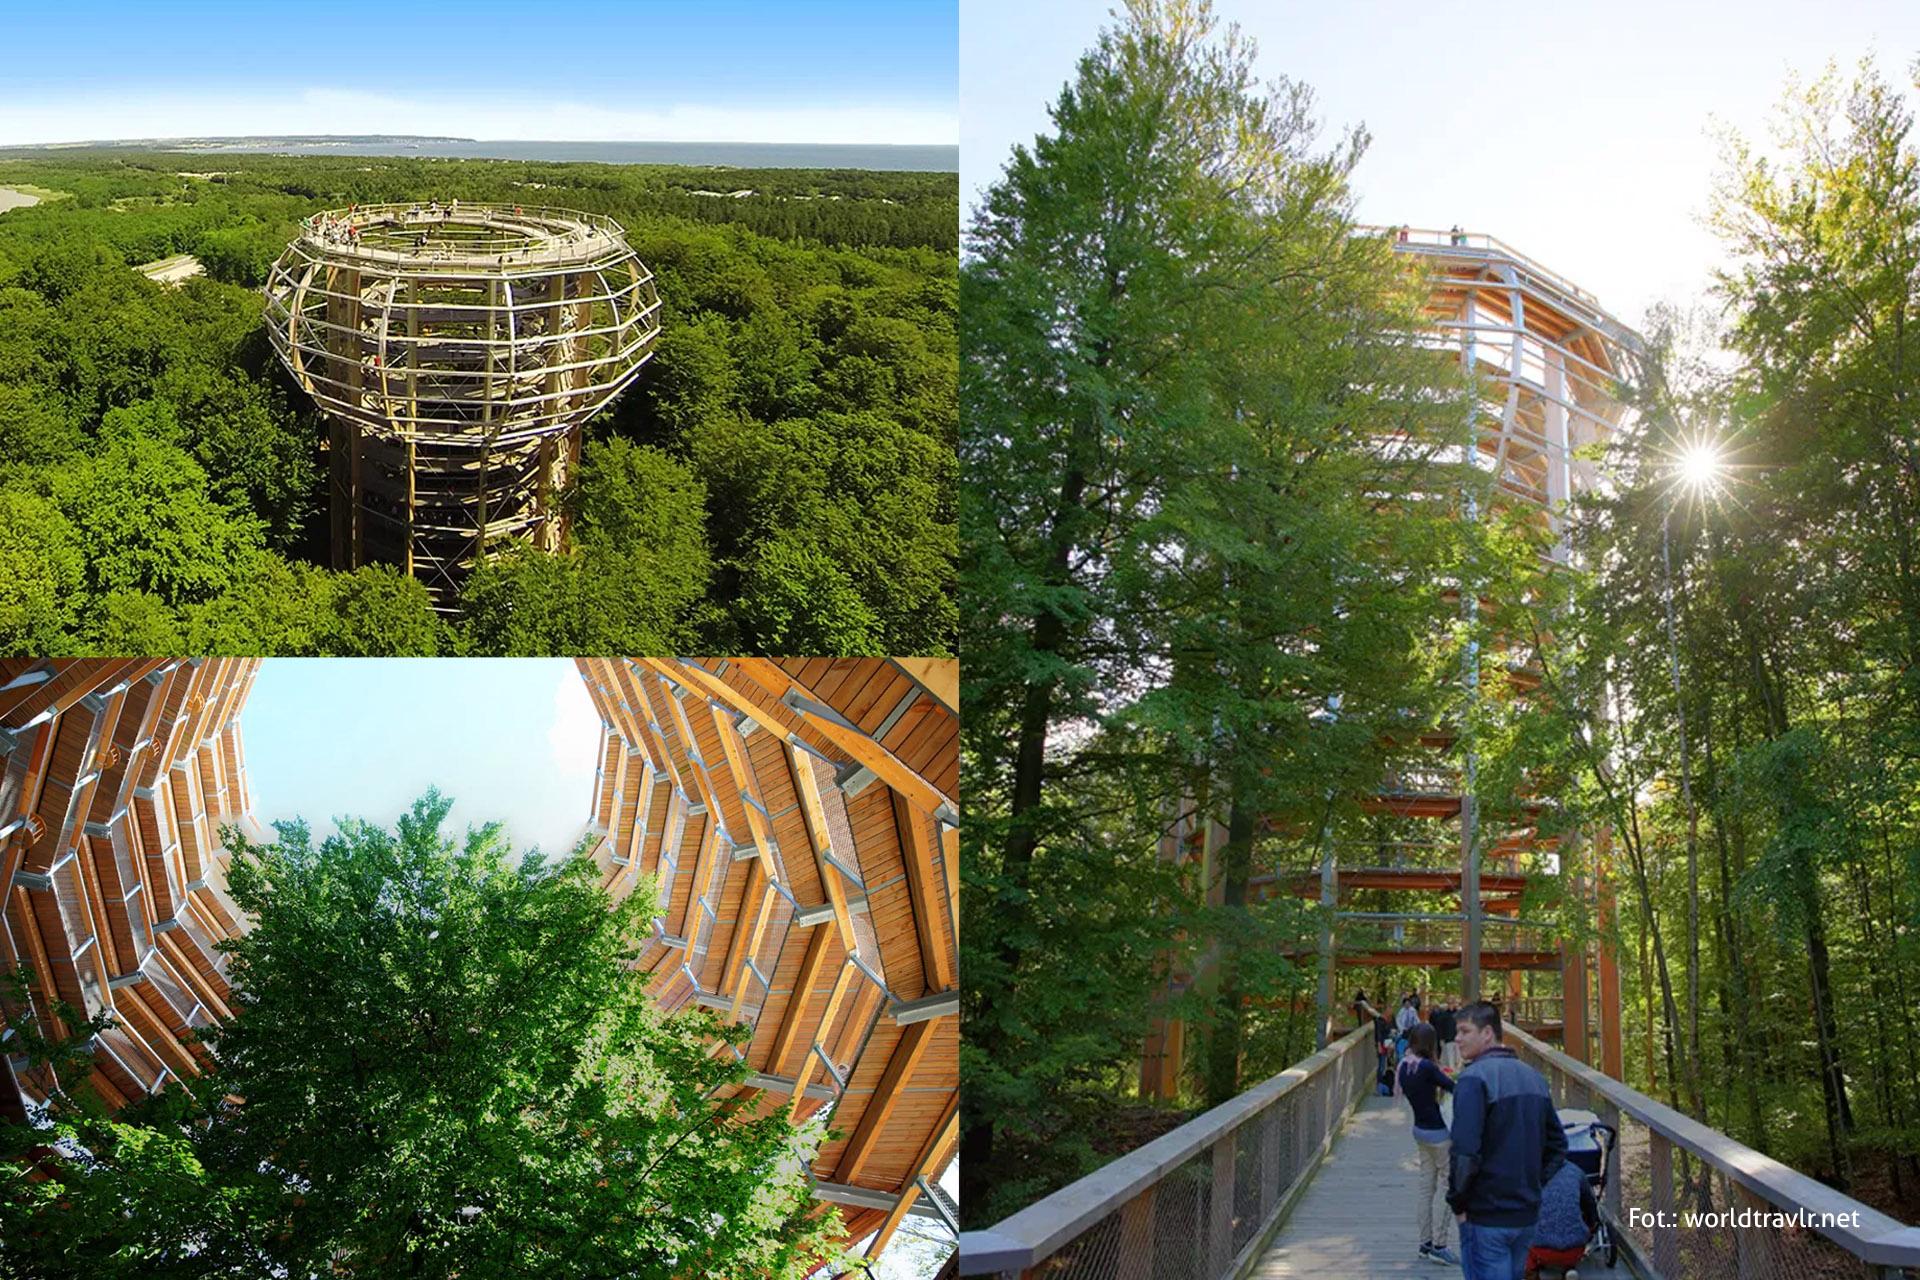 Wyspa Rugia, Tree Top Walk, wycieczka naRugię, spacer wkoronie drzew